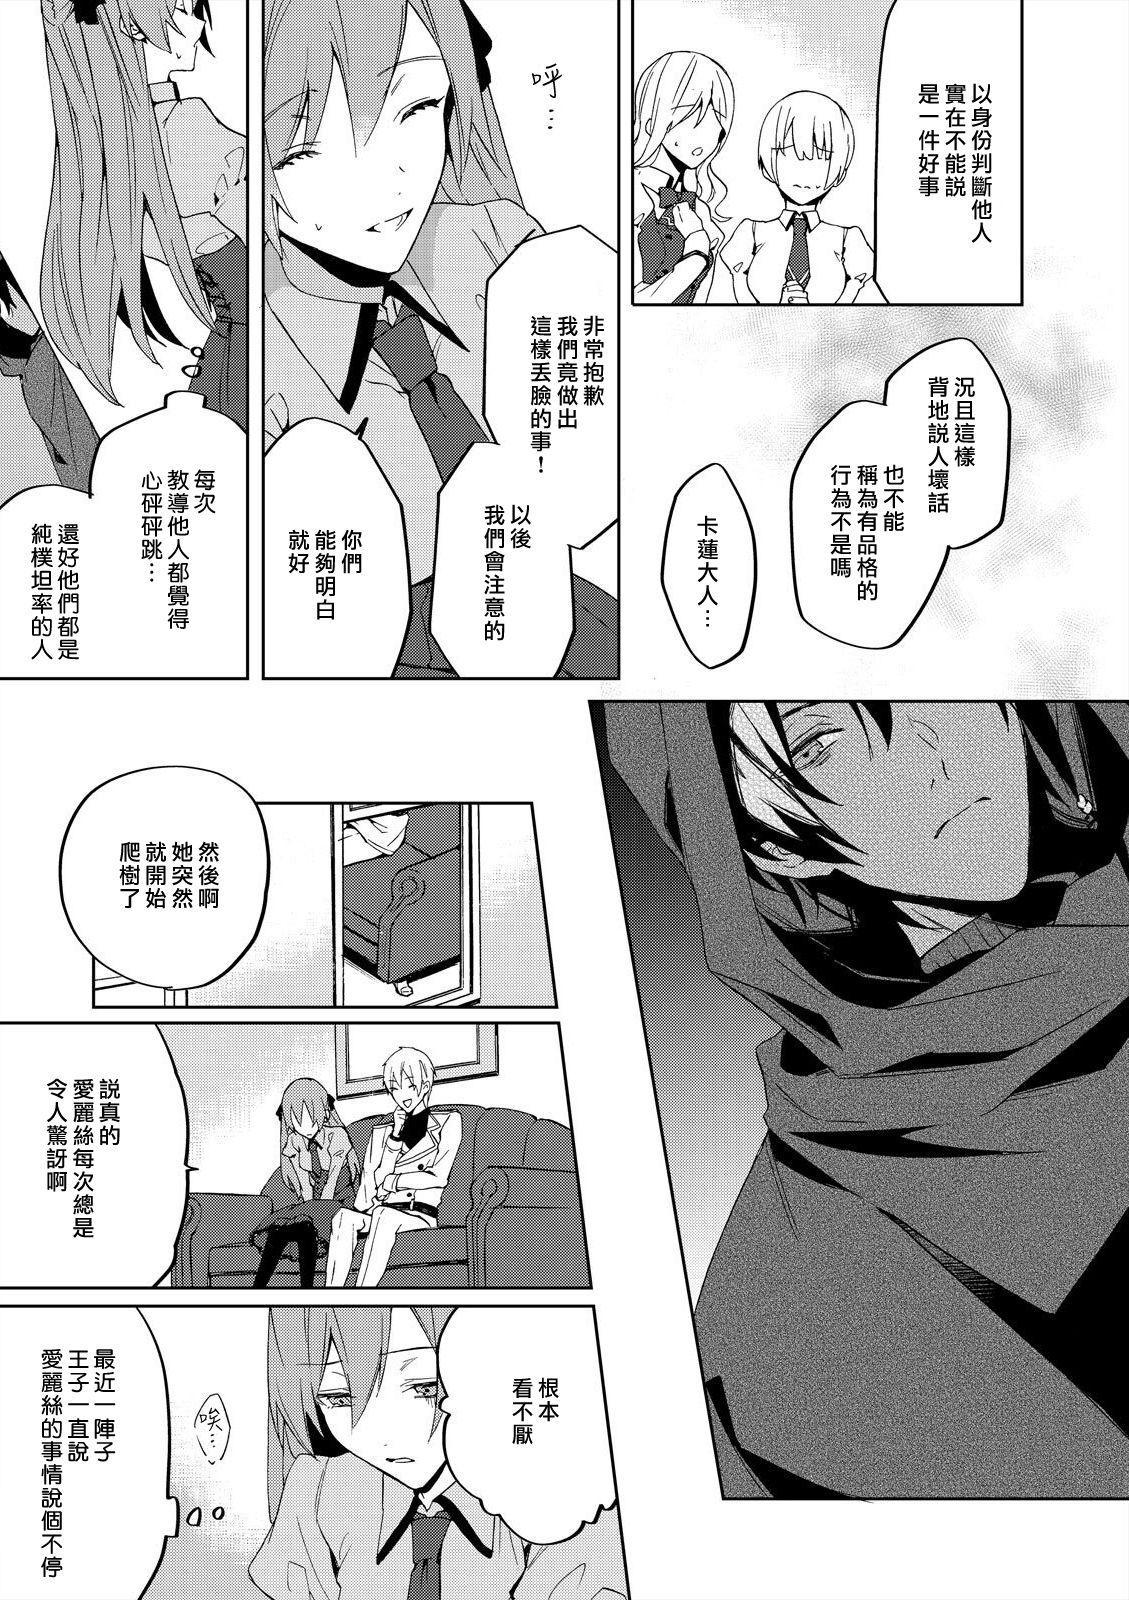 [Yuzushiwo] Akuyaku Reijou wa Ichizu ni Dekiai sarete ~Noumitsu Sex no Aite wa Juuboku~ | 被疯狂溺爱的反派大小姐~浓密性爱对象是仆从~ 1-5 [Chinese] [莉赛特汉化组] 22